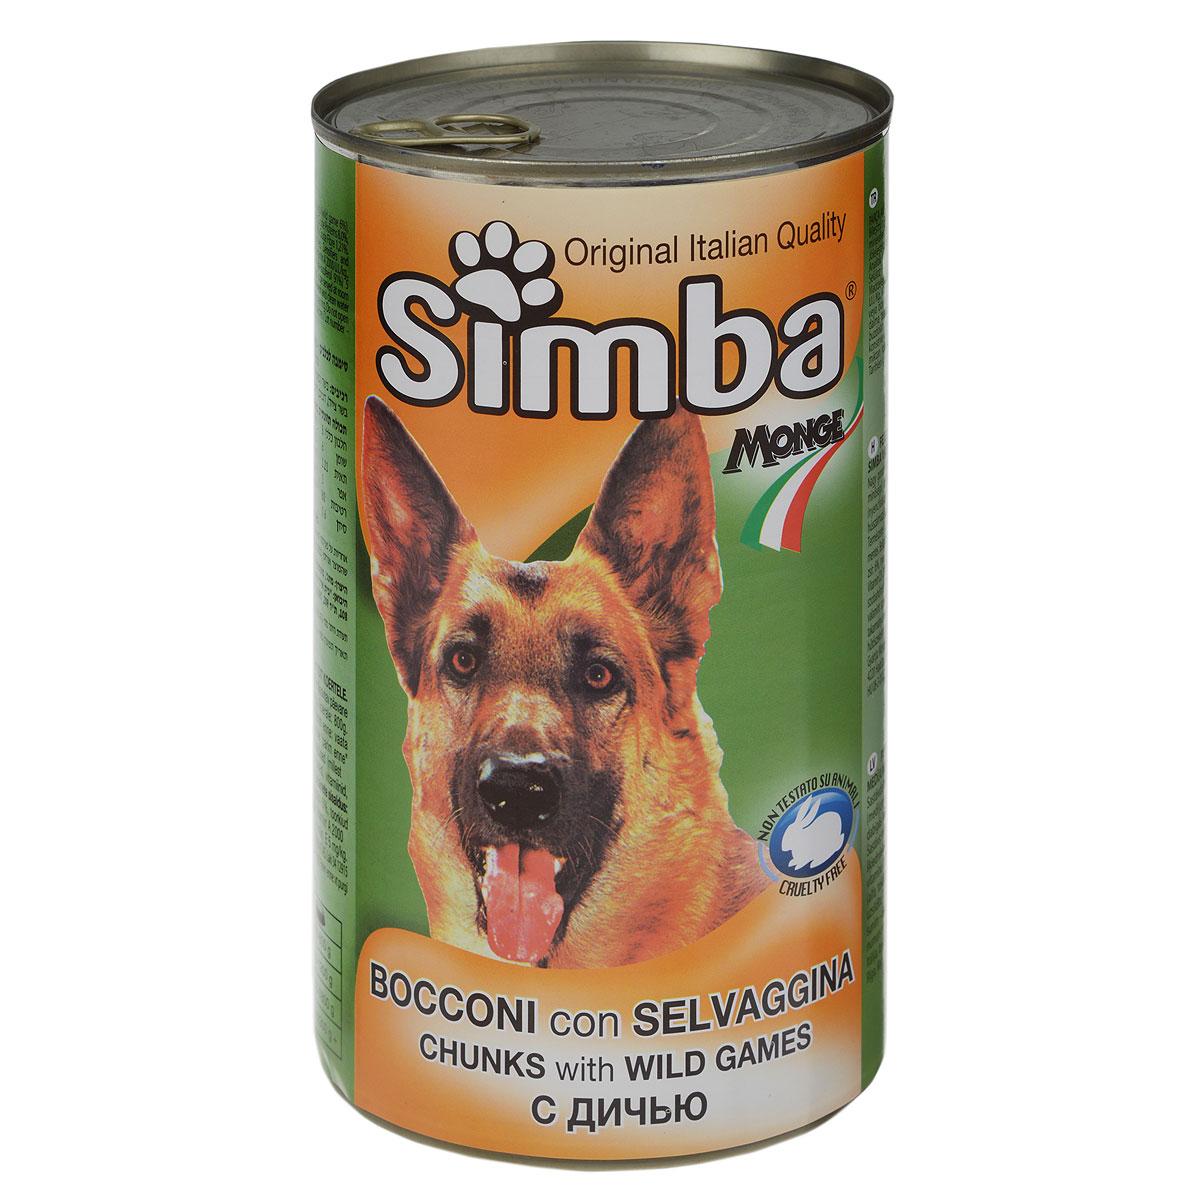 Консервы для собак Monge Simba, кусочки с дичью, 1230 г0120710Консервы для собак Monge Simba - это полноценный сбалансированный корм для собак. Кусочки с дичью в соусе. Состав: мясо и мясные субпродукты (мясо дичи не менее 6%), злаки, минеральные вещества, витамины, натуральные красители и вкусовые добавки. Анализ компонентов: протеин 8%, жир 6%, клетчатка 1,21%, зола 3%, влажность 80%.Витамины и добавки на 1 кг: витамин А 2000 МЕ, витамин D3 200 МЕ, витамин Е 5 мг. Товар сертифицирован.